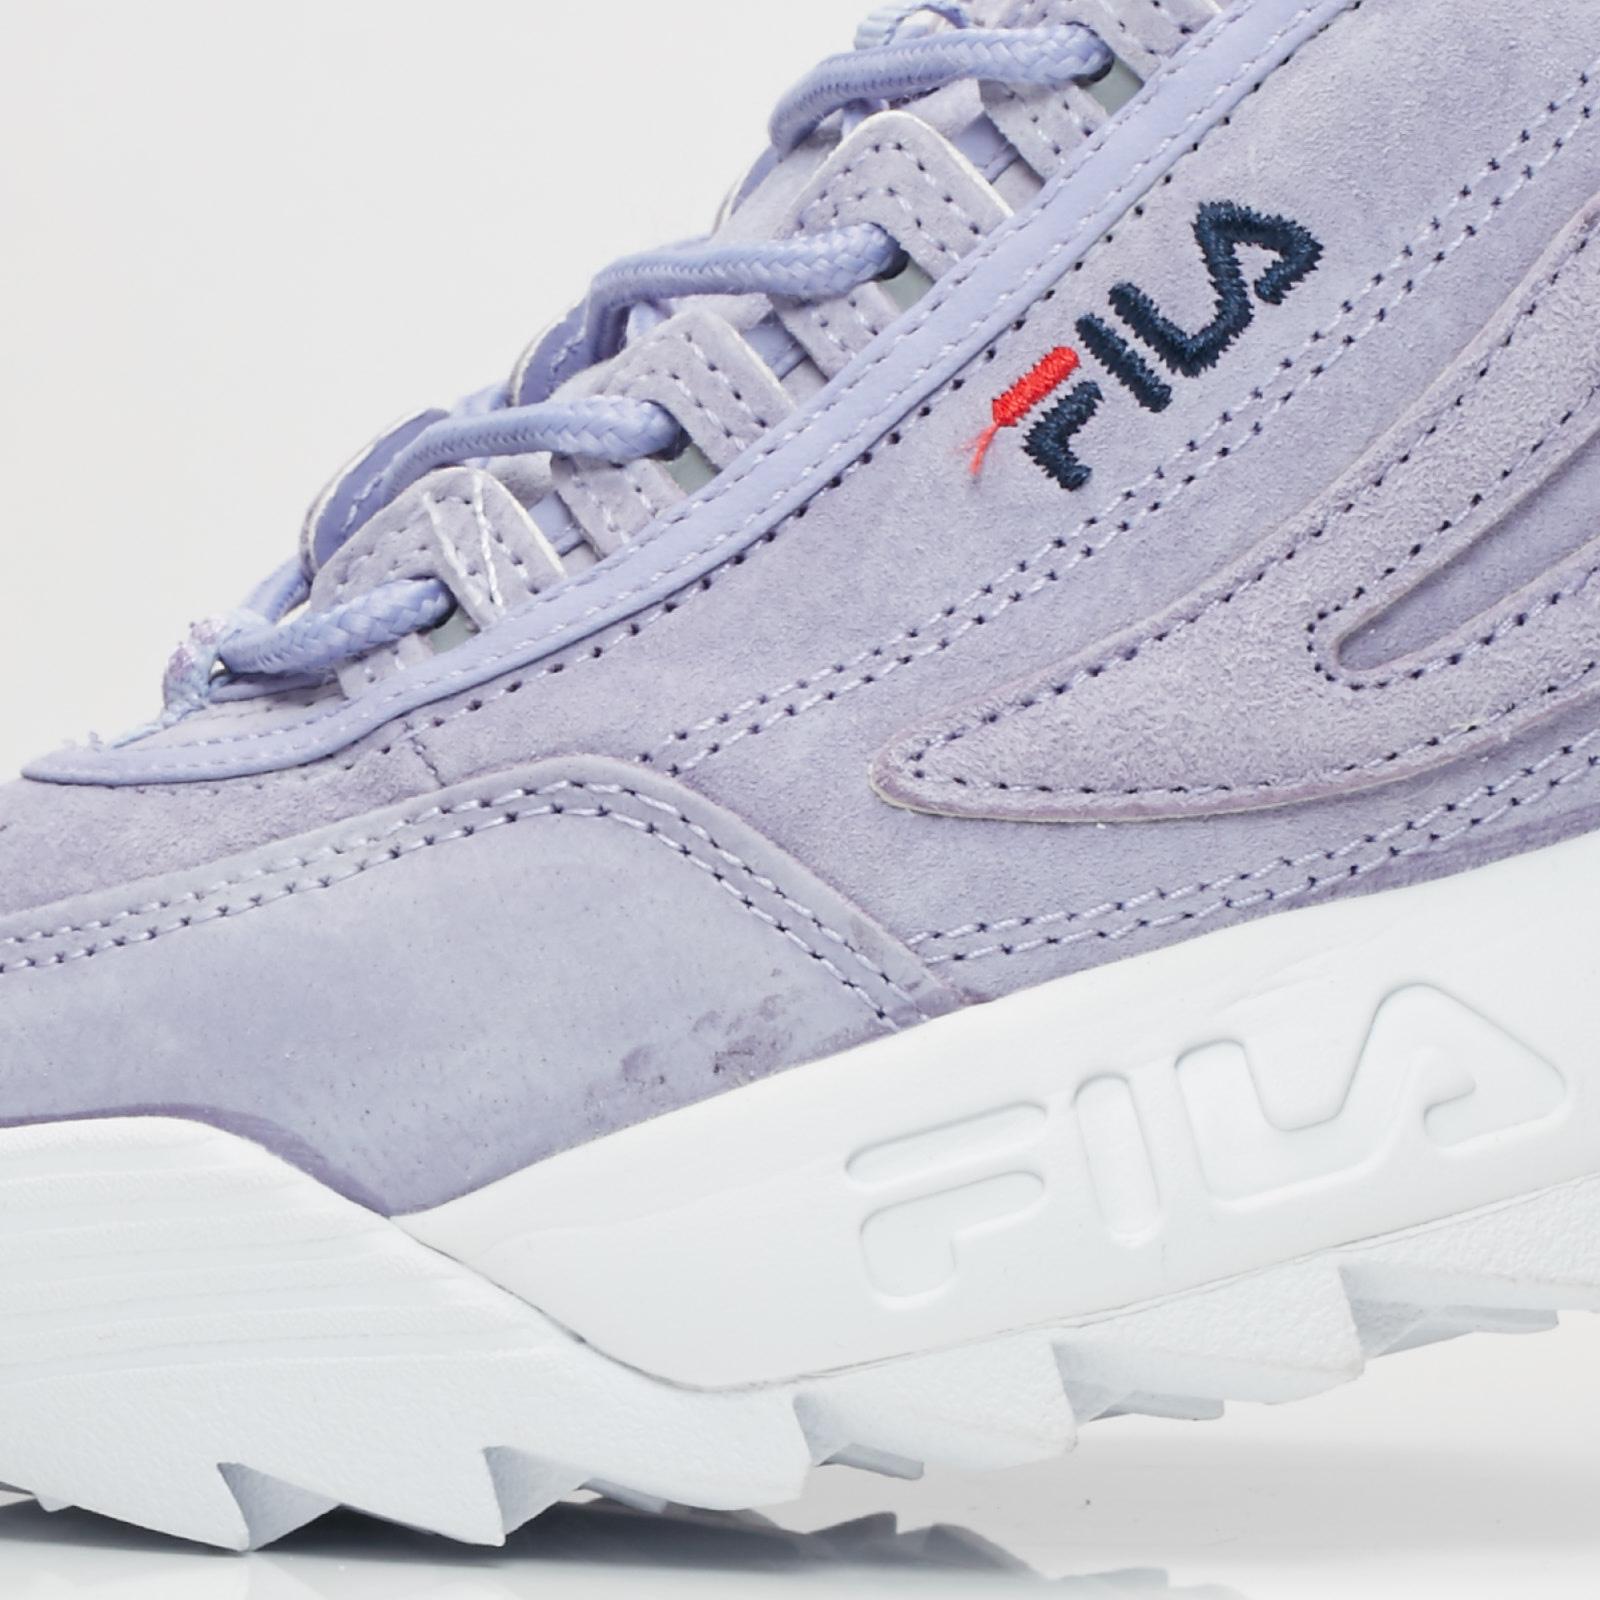 da769d23e026 Fila Disruptor II Premium Suede - 5fm00038-522 - Sneakersnstuff ...